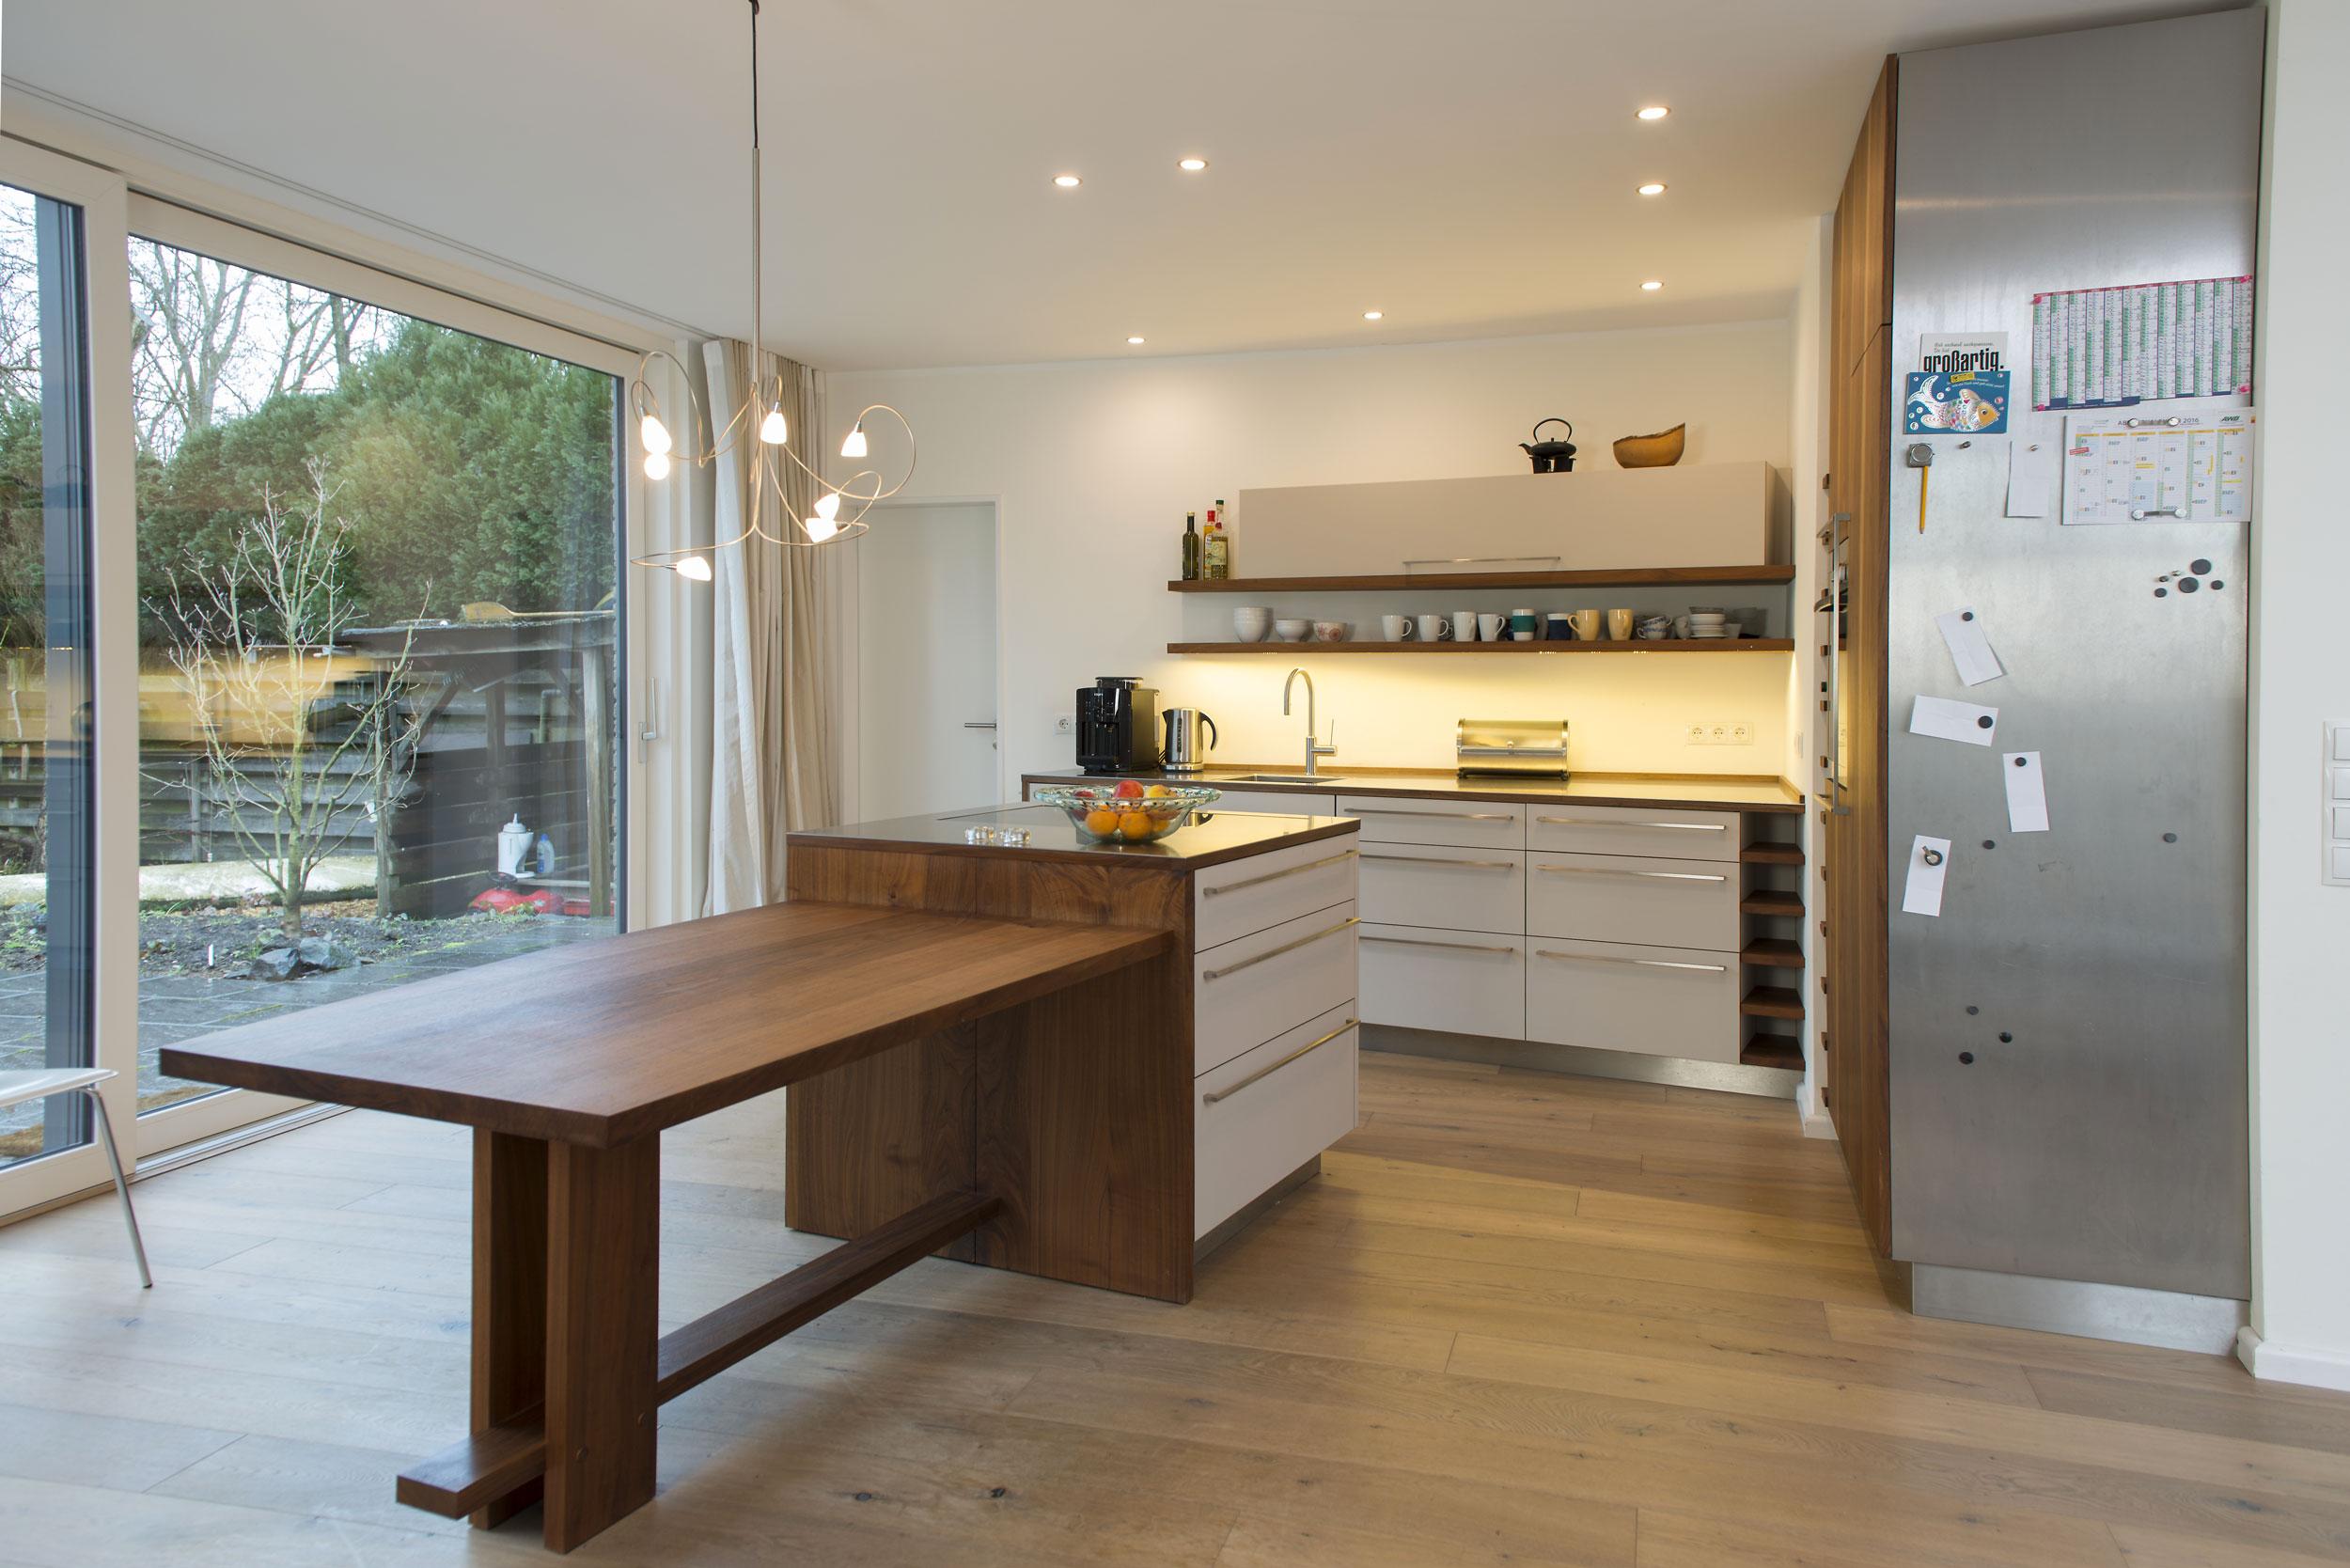 Extrem küche 109 material: edelstahl, linoleum, amerikanischer nussbaum BL35